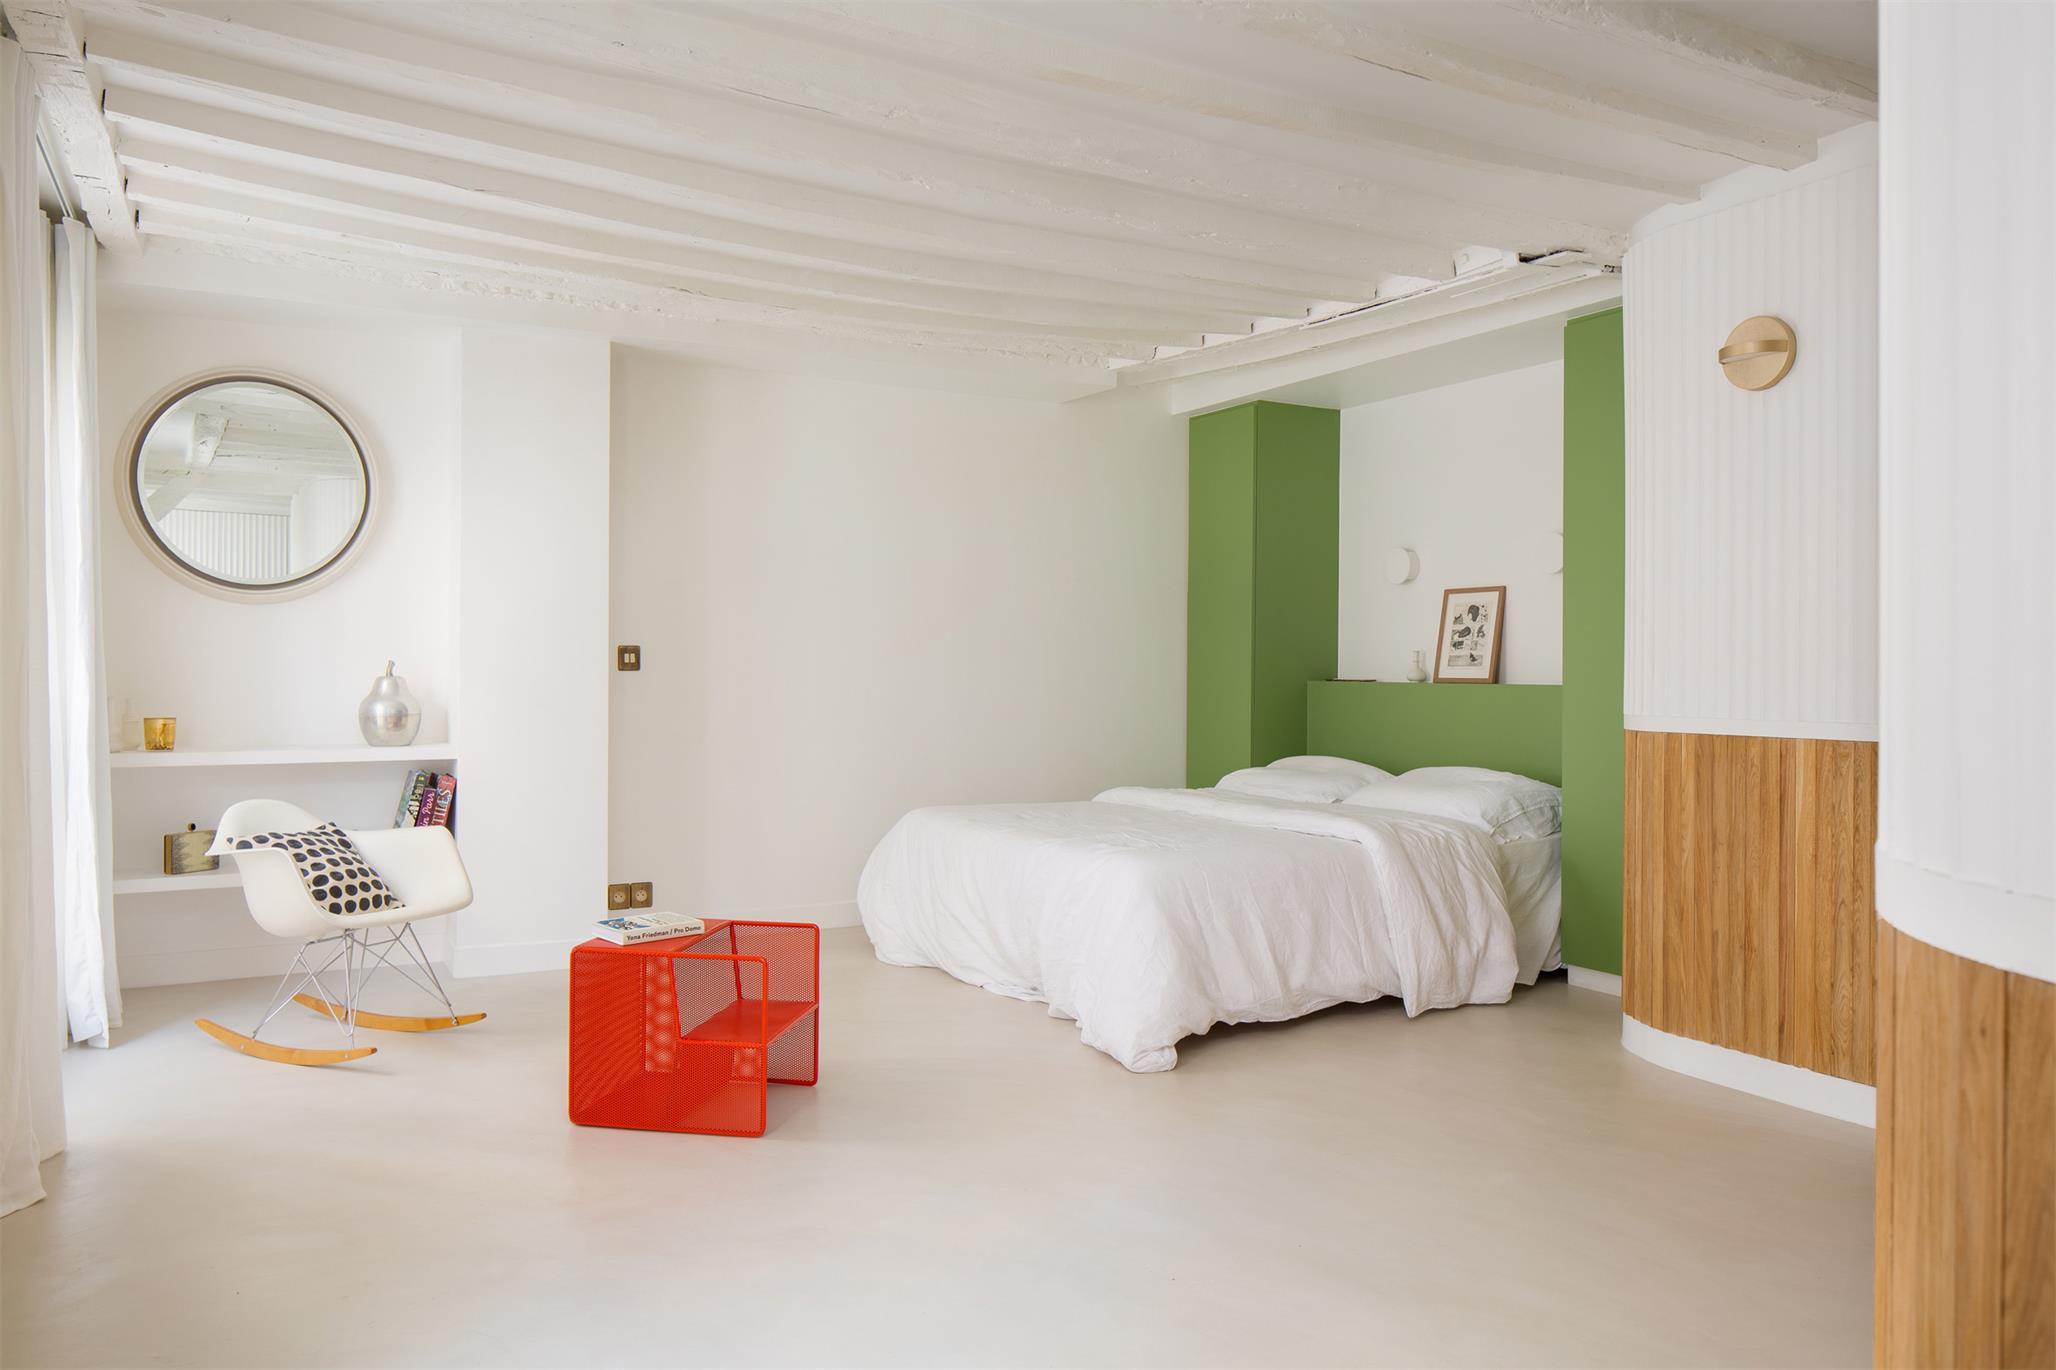 从过道望向小型公寓睡眠区的场景